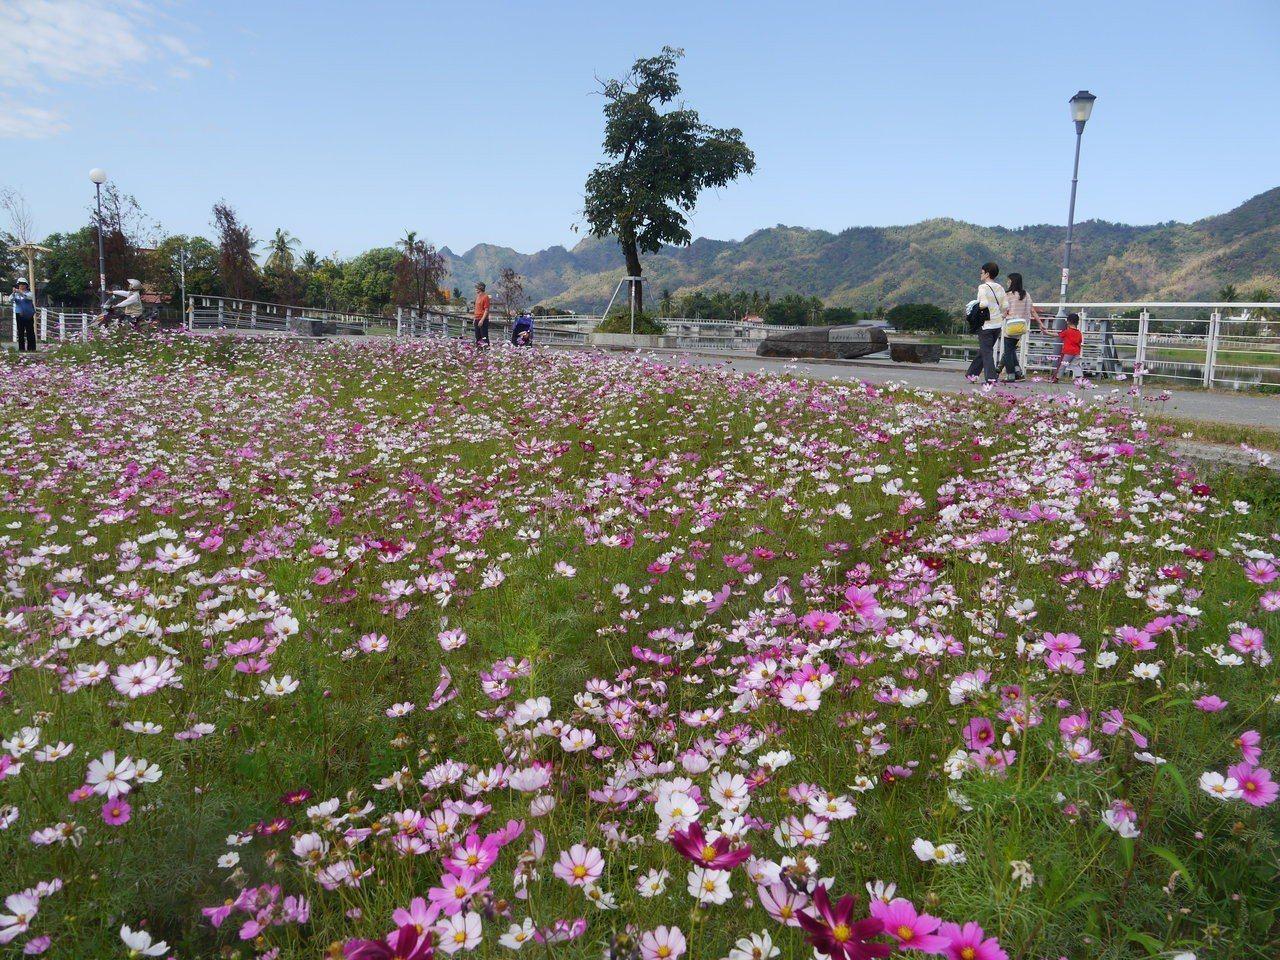 美濃是十大觀光小鎮,新春期間,美濃湖附近栽種大面積景觀花卉。圖/本報資料照